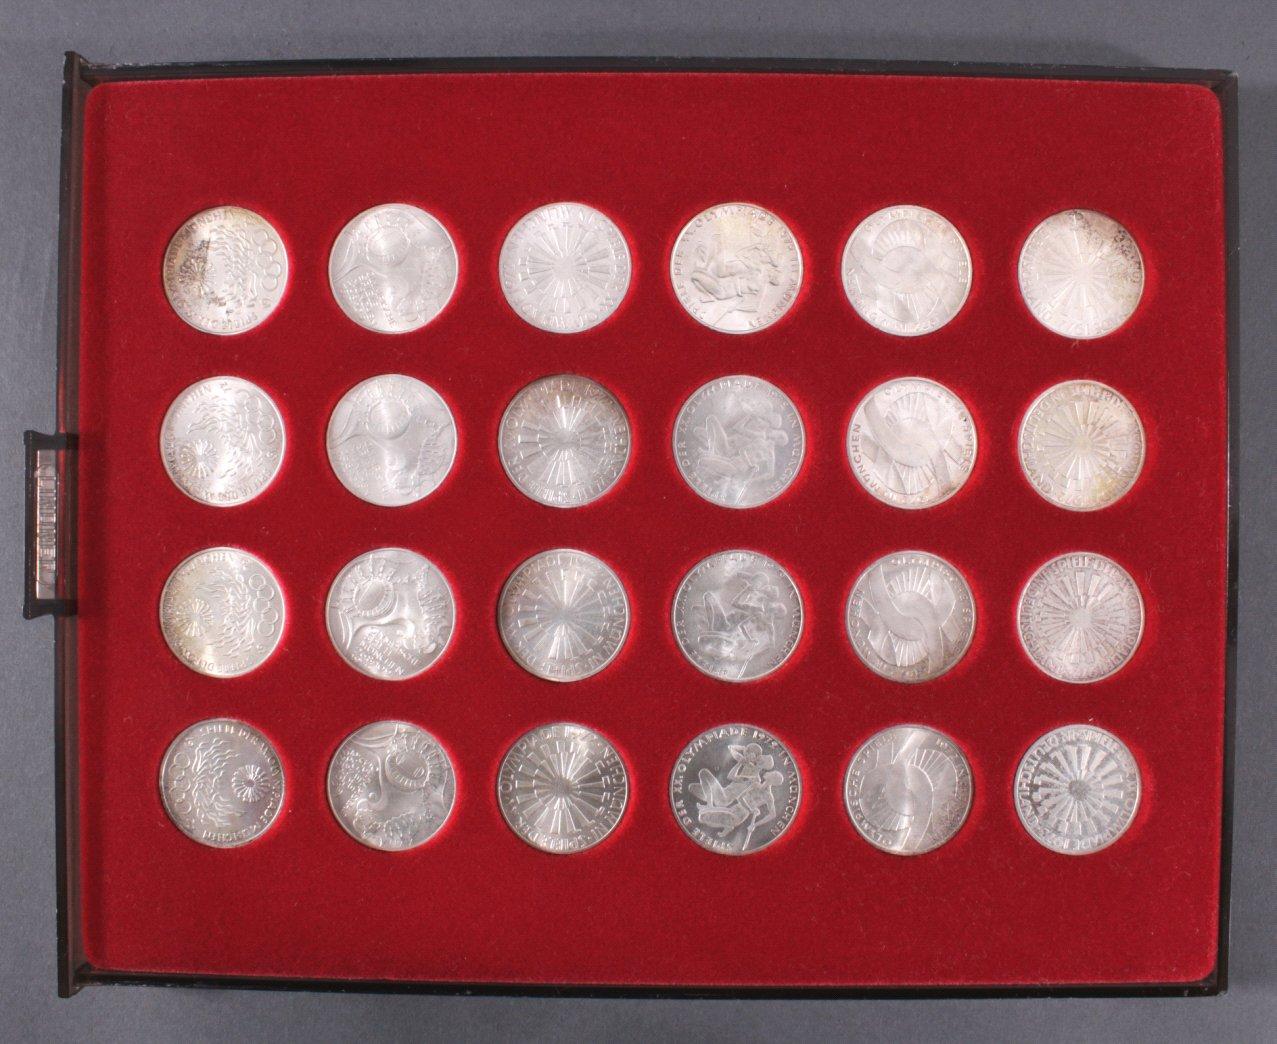 Kompletter Satz München 1972 10-DM Münzen